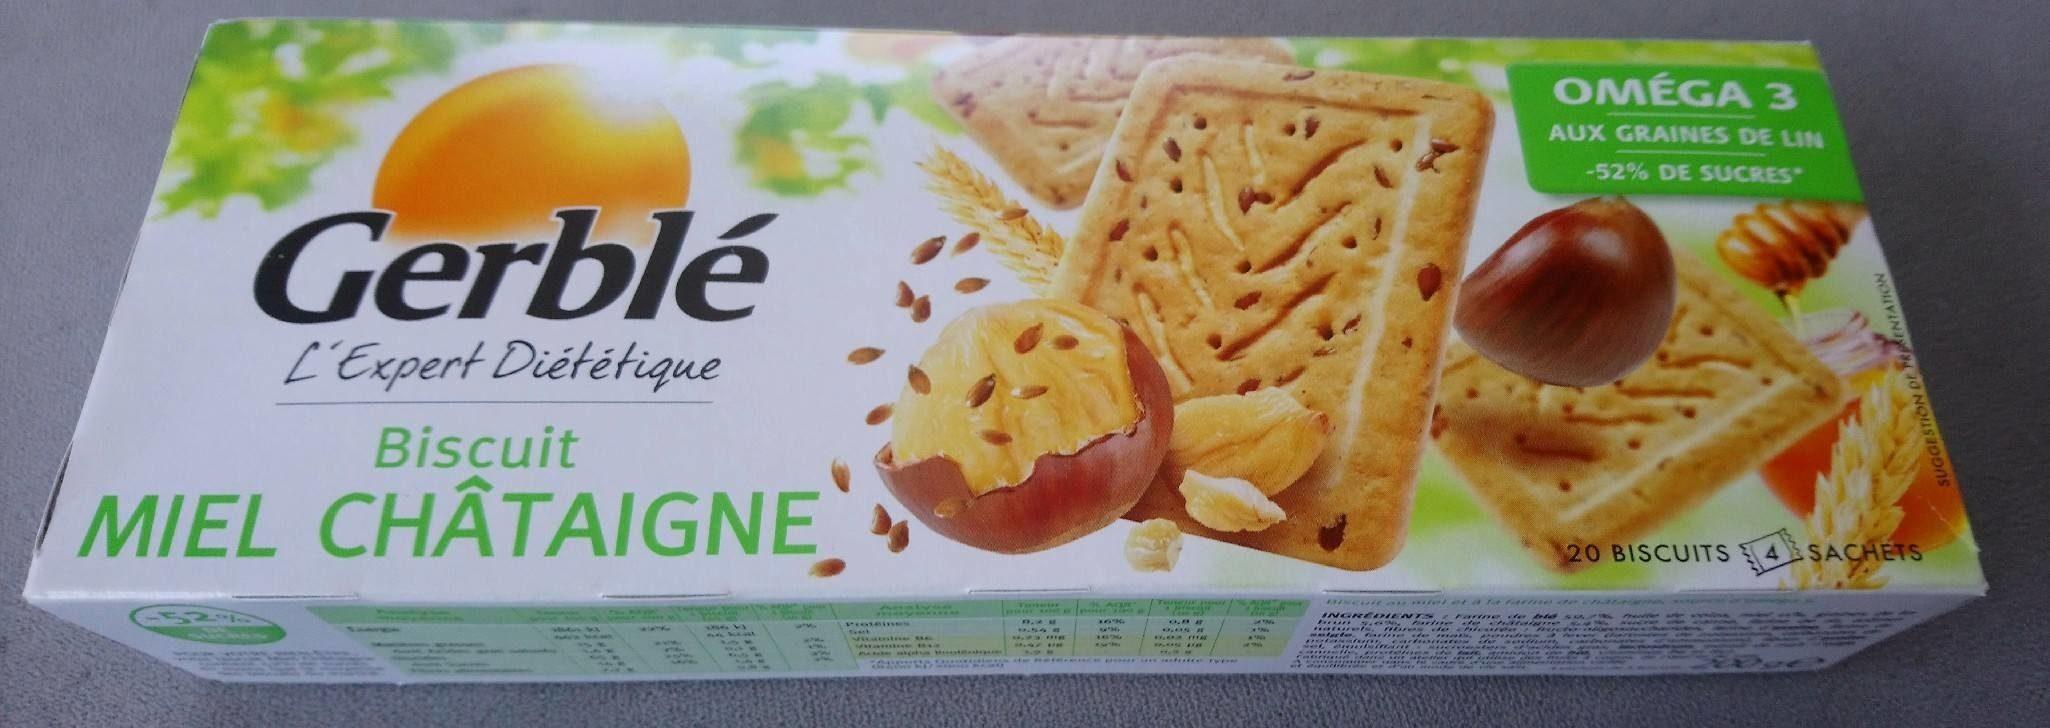 Biscuit miel châtaigne - Produit - fr